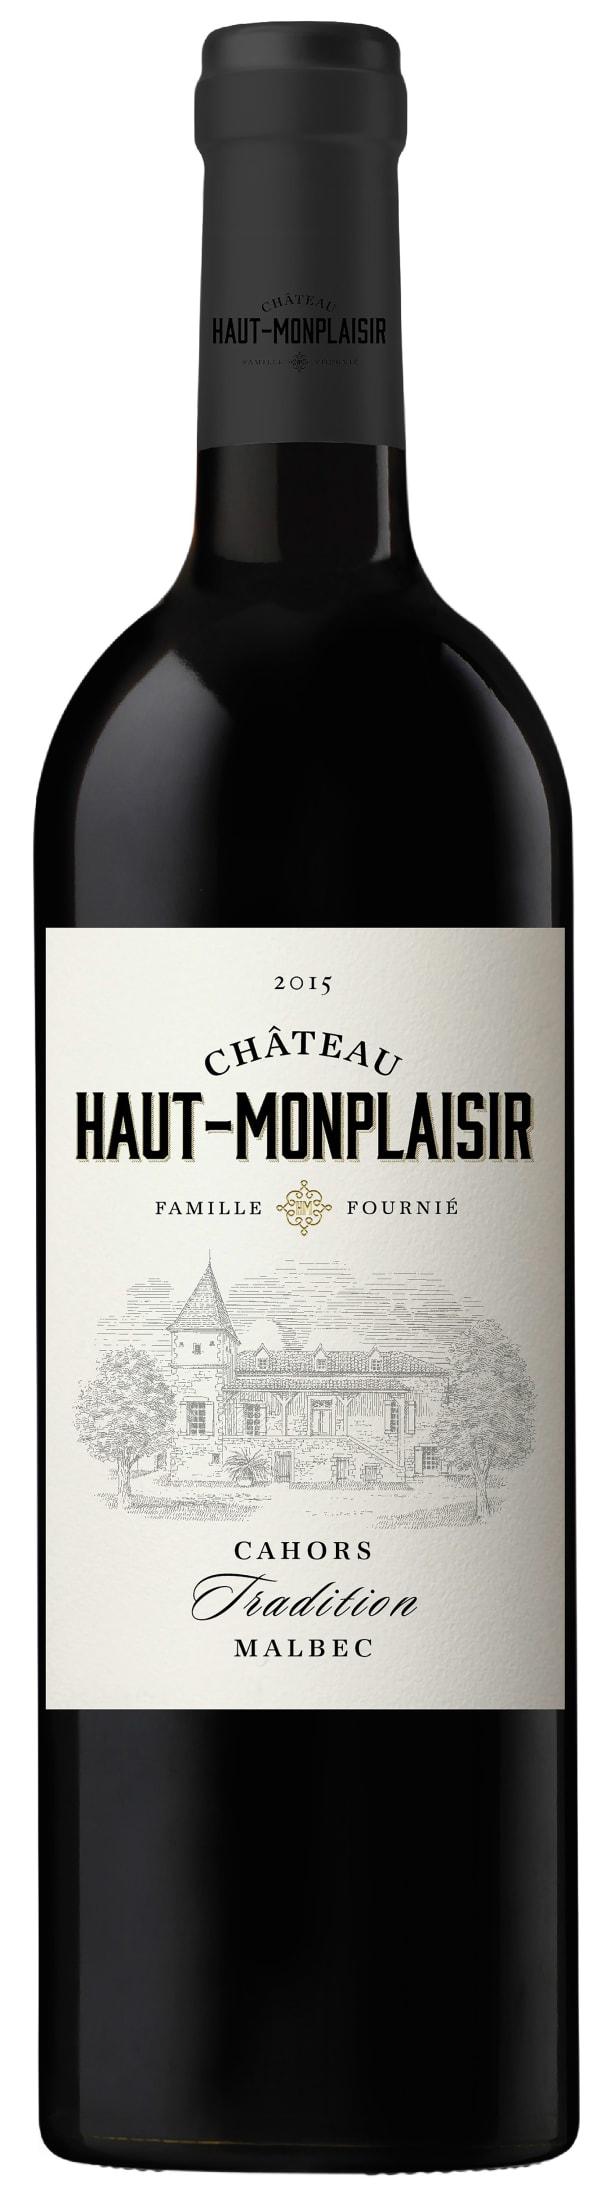 Château Haut-Monplaisir 2015